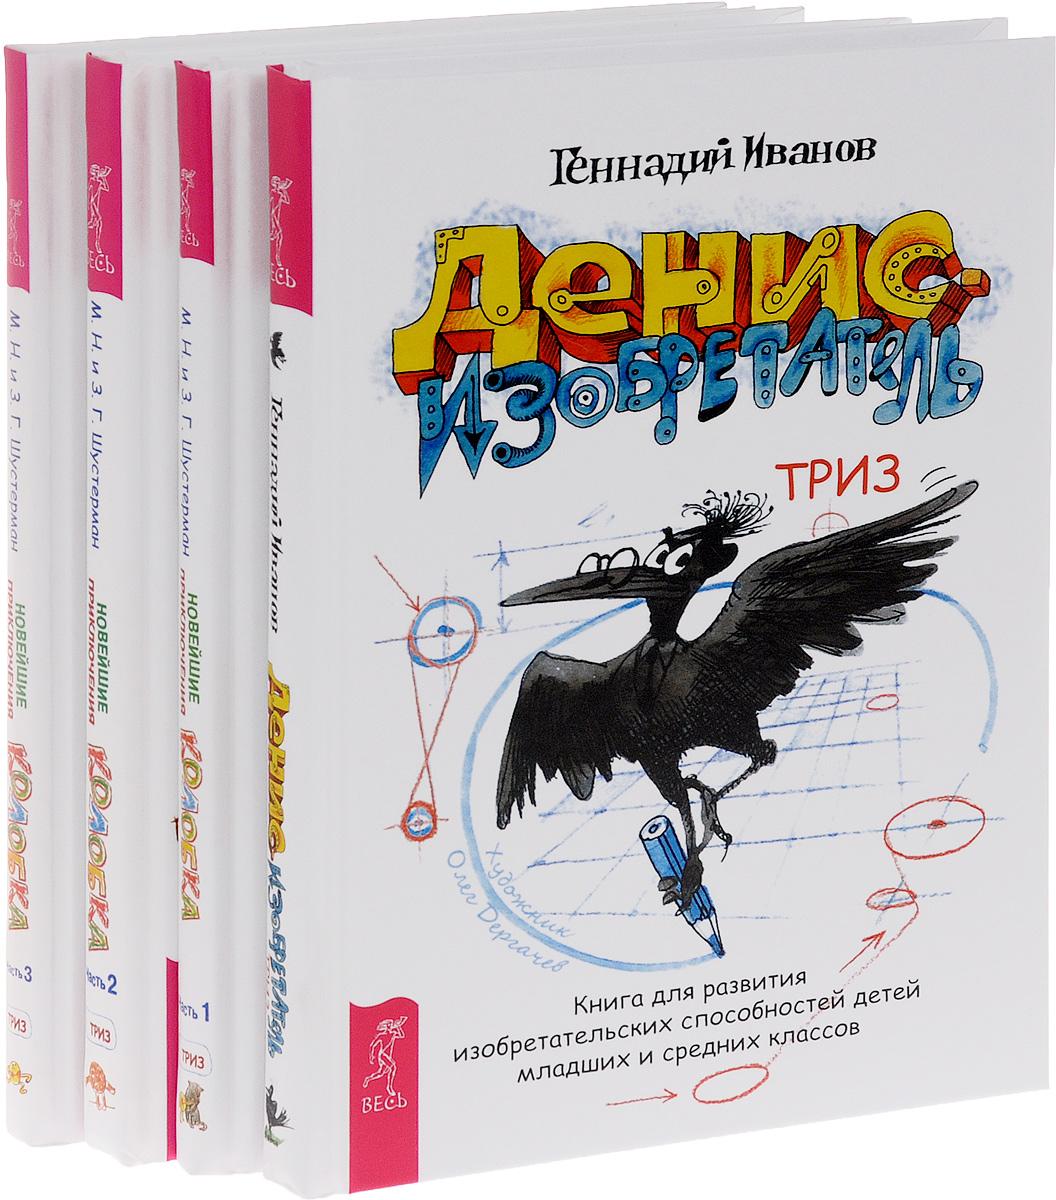 Новейшие приключения Колобка 1-3, Денис-изобретатель (Комплект из 4 книг)